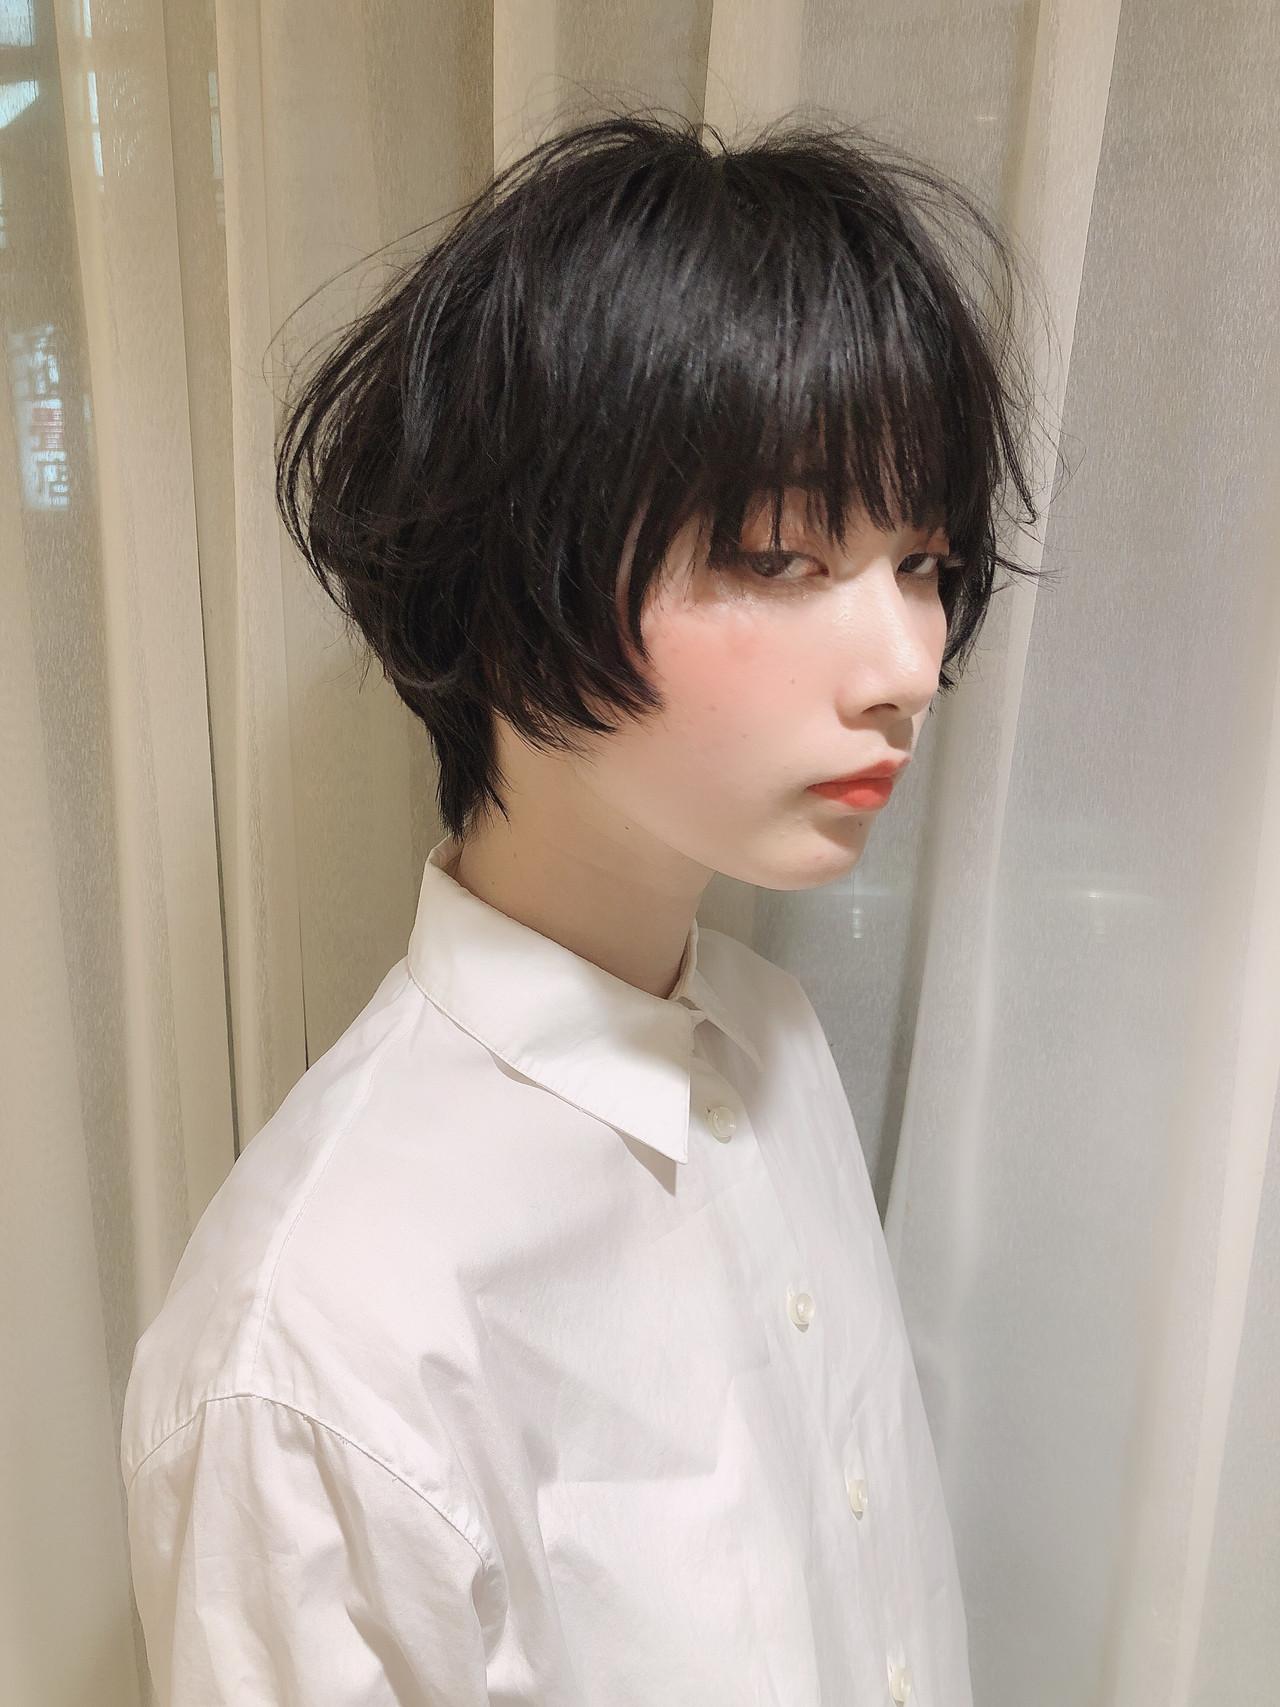 モード パーマ ショート デート ヘアスタイルや髪型の写真・画像 | 近藤雄太/ショート / Neolive CiroL.